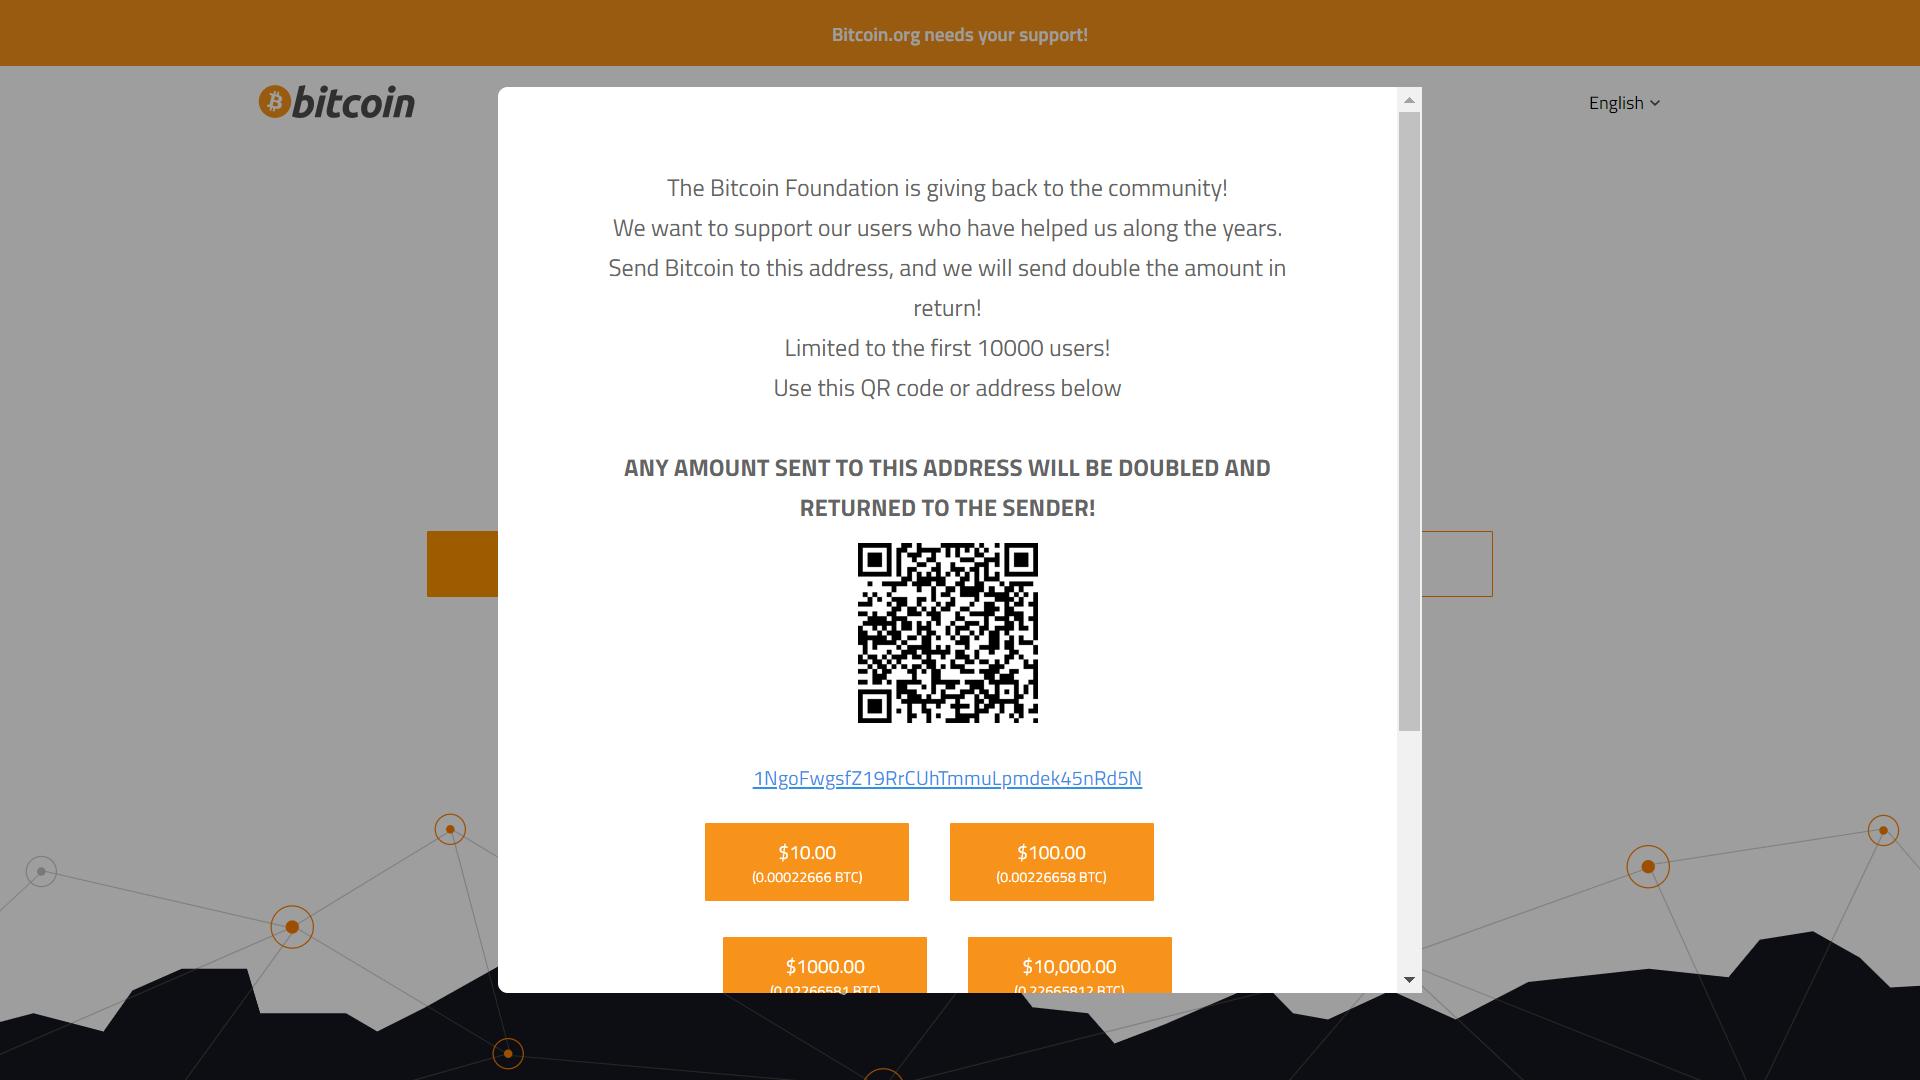 Trang web Bitcoin.org bị tấn công, chèn scam giveaway BTC